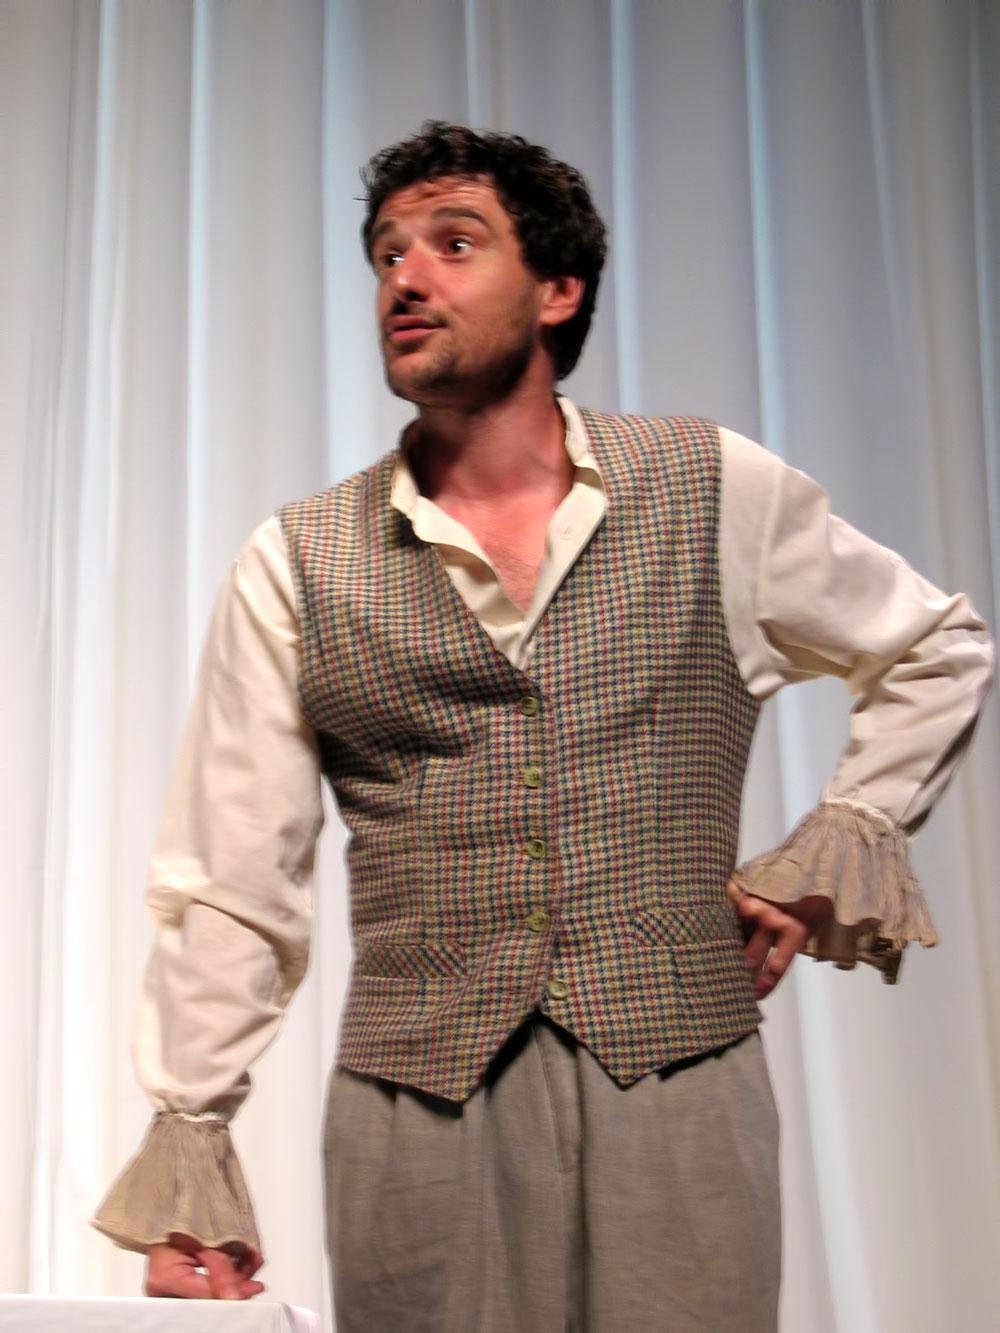 Richard-Mitou le mariage de figaro - zinc théâtre